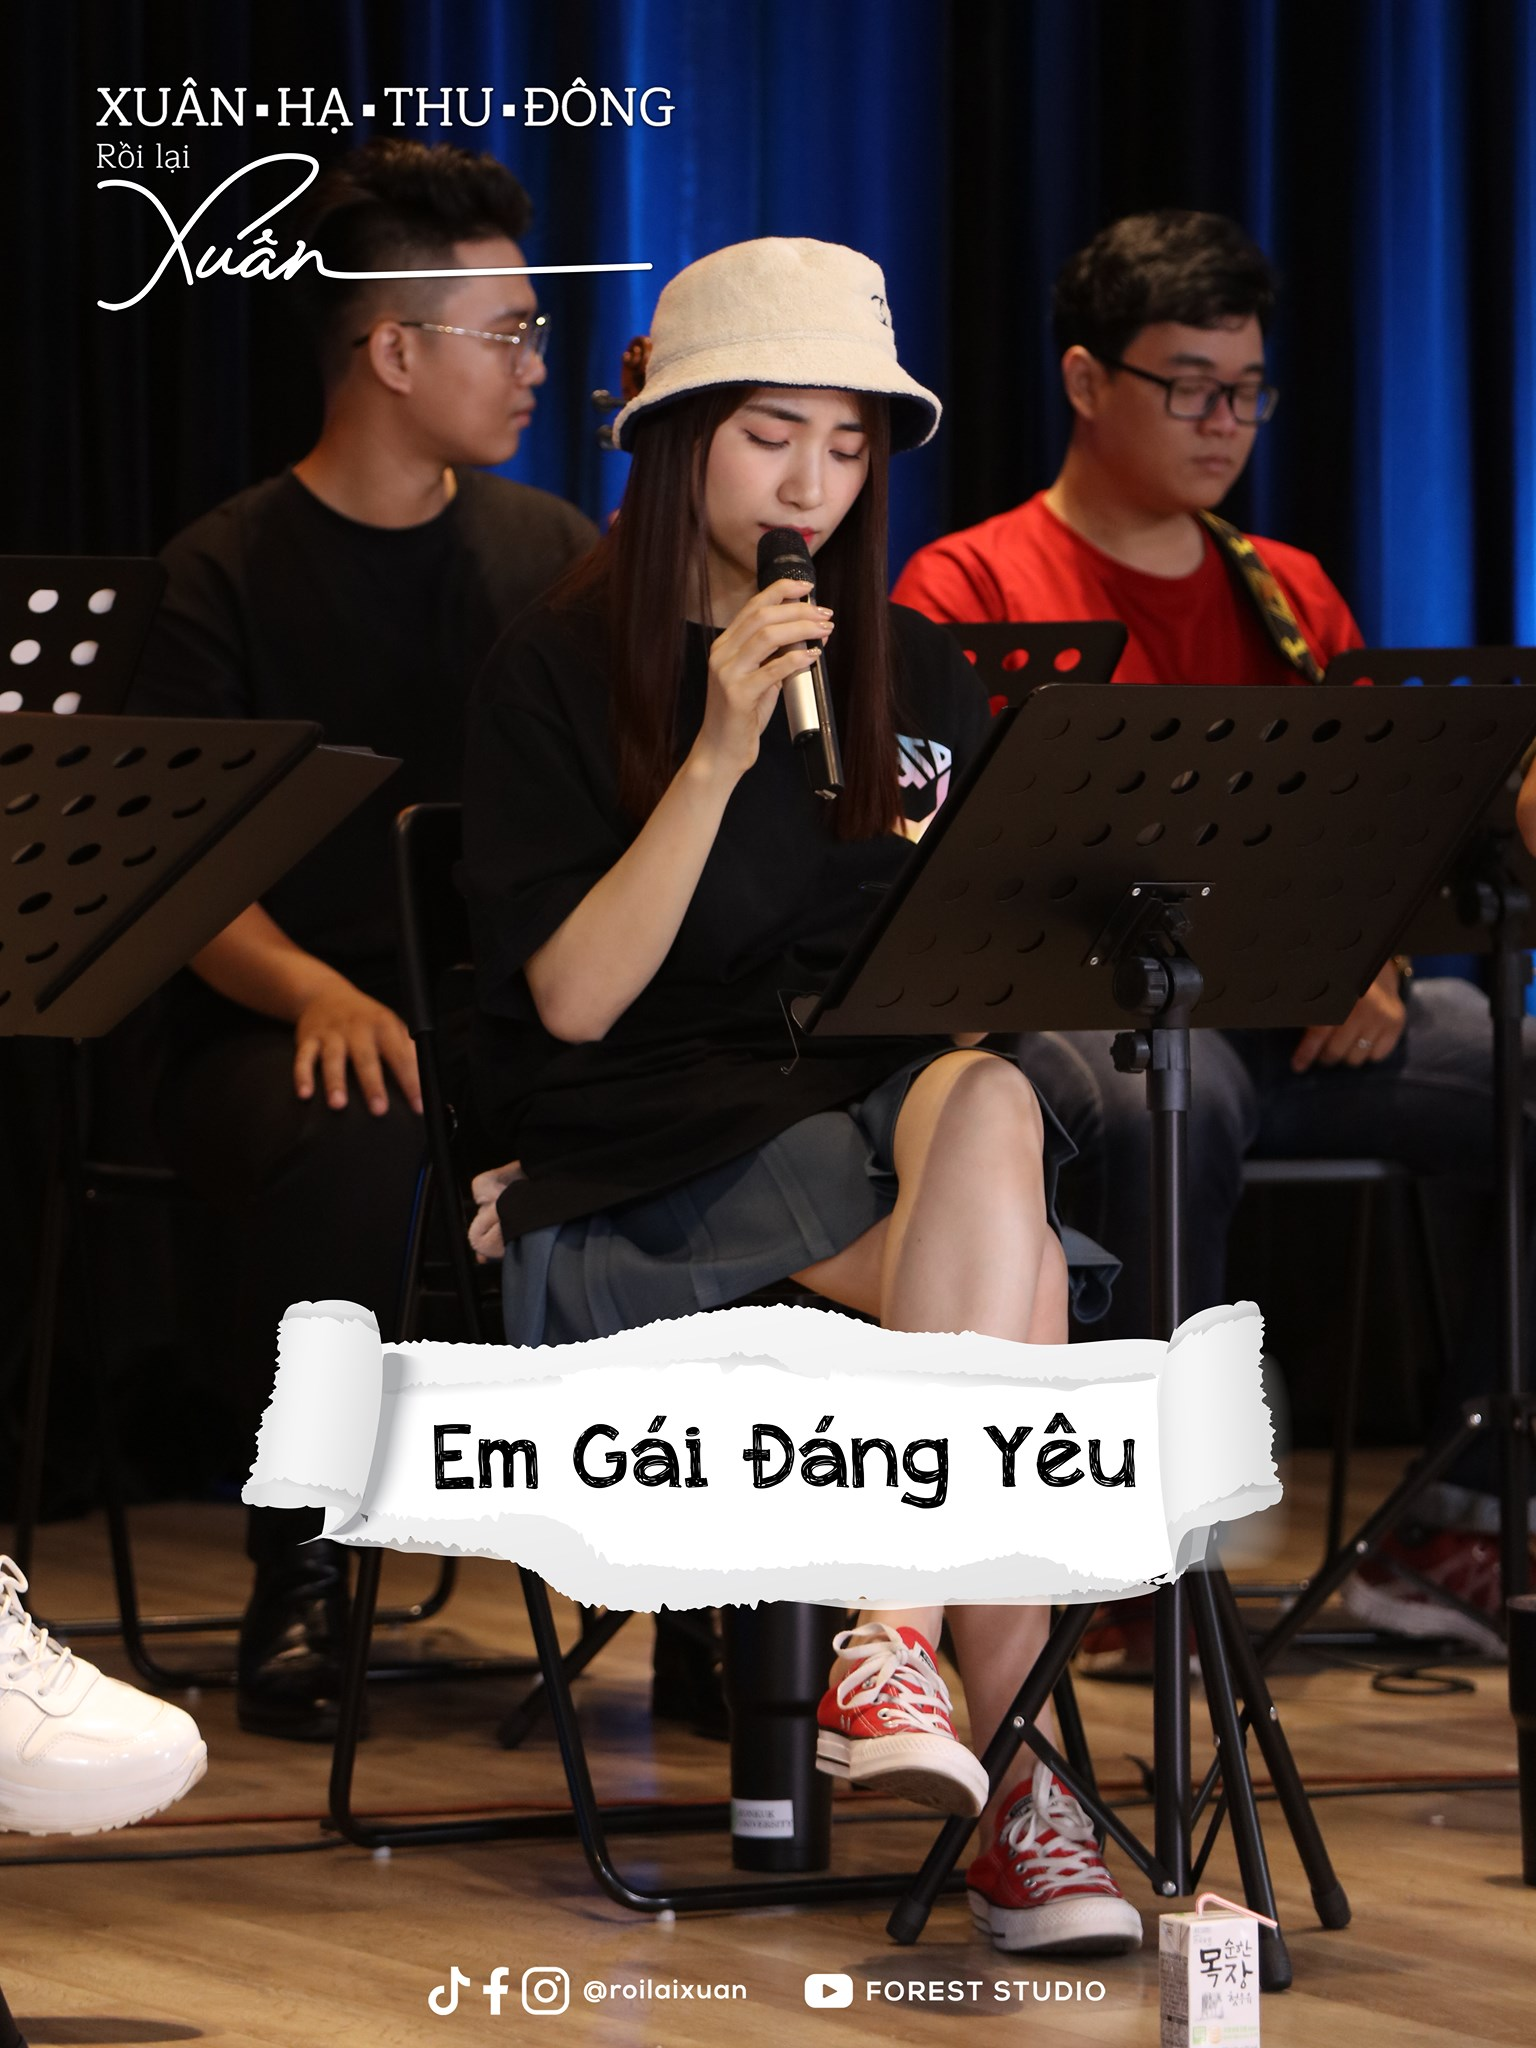 Hòa Minzy, Anh Tú và Hứa Kim Tuyền cùng dàn sao Vpop hát rong trong show âm nhạc đầu năm